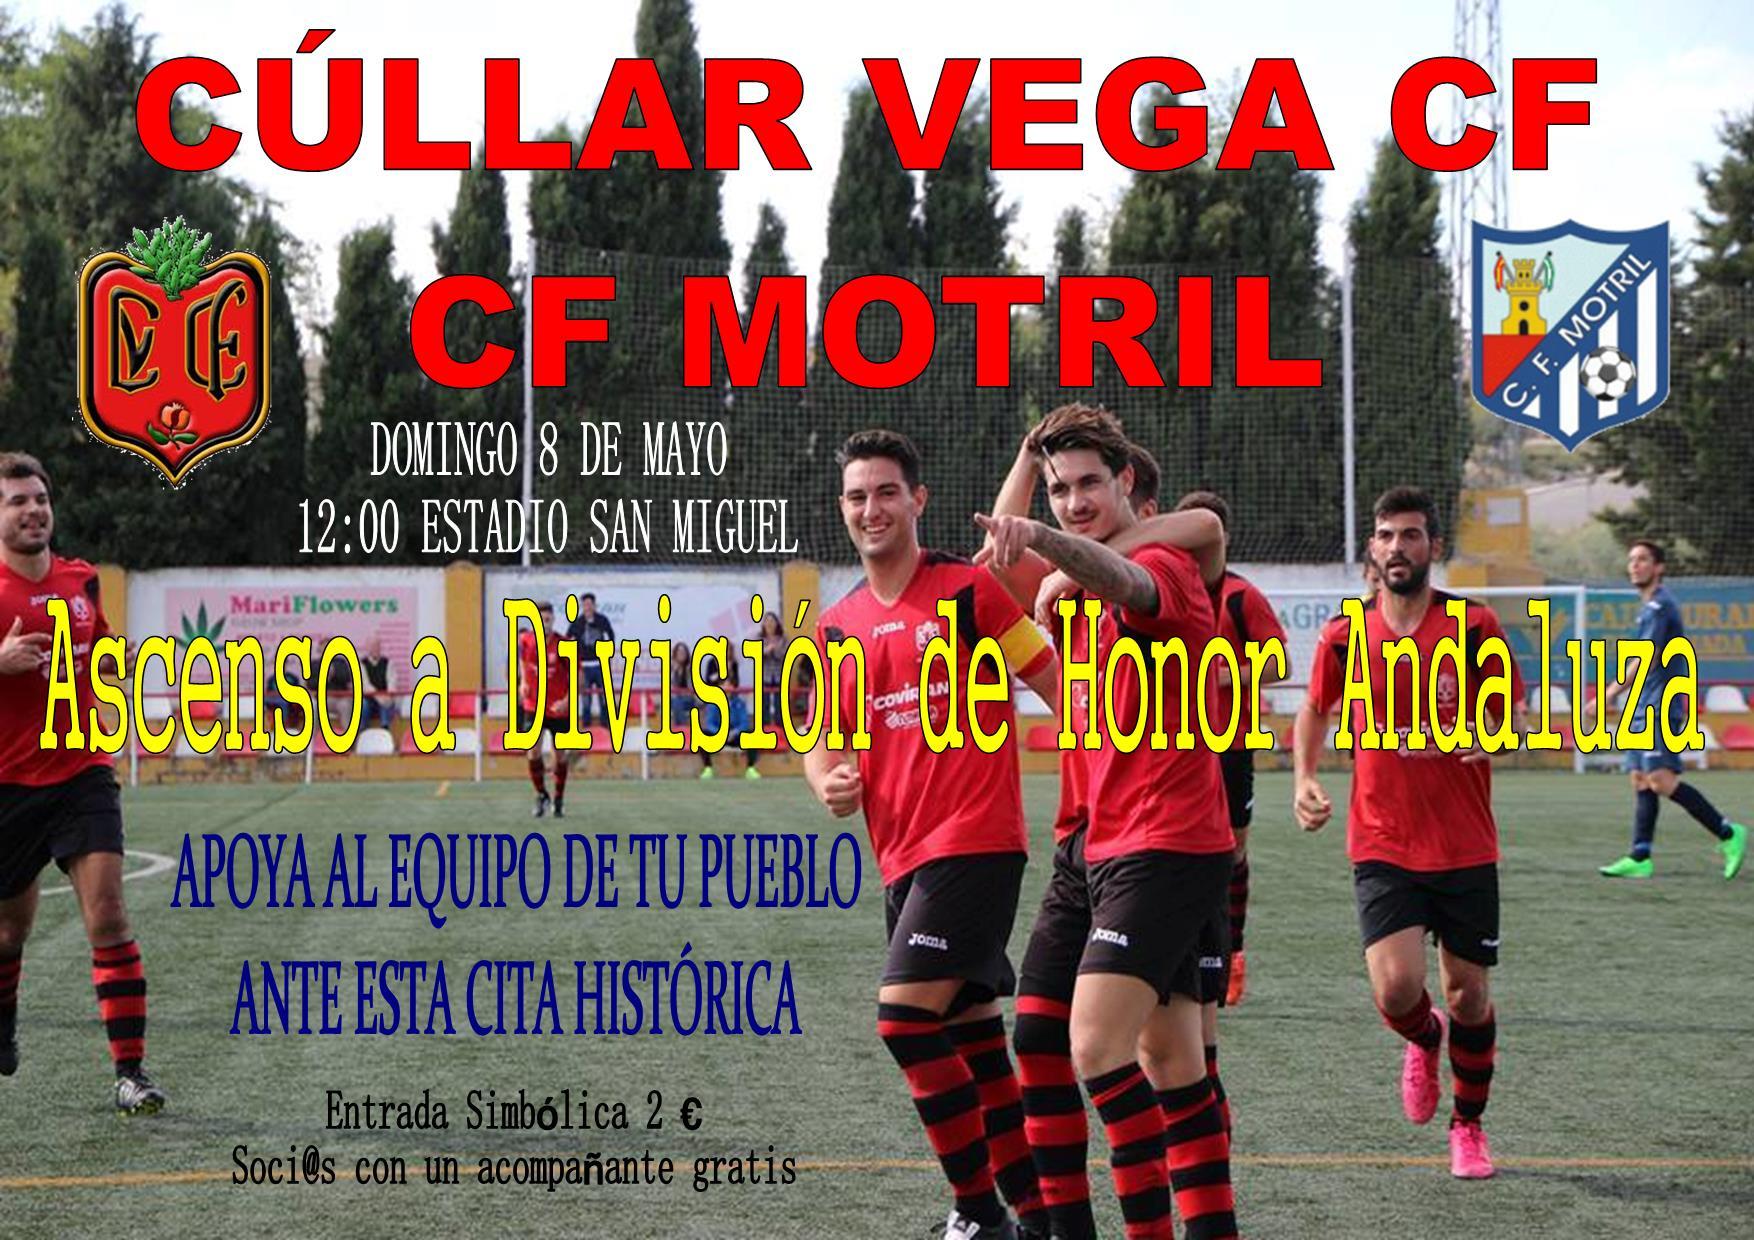 El Cúllar Vega CF puede ascender este Domingo